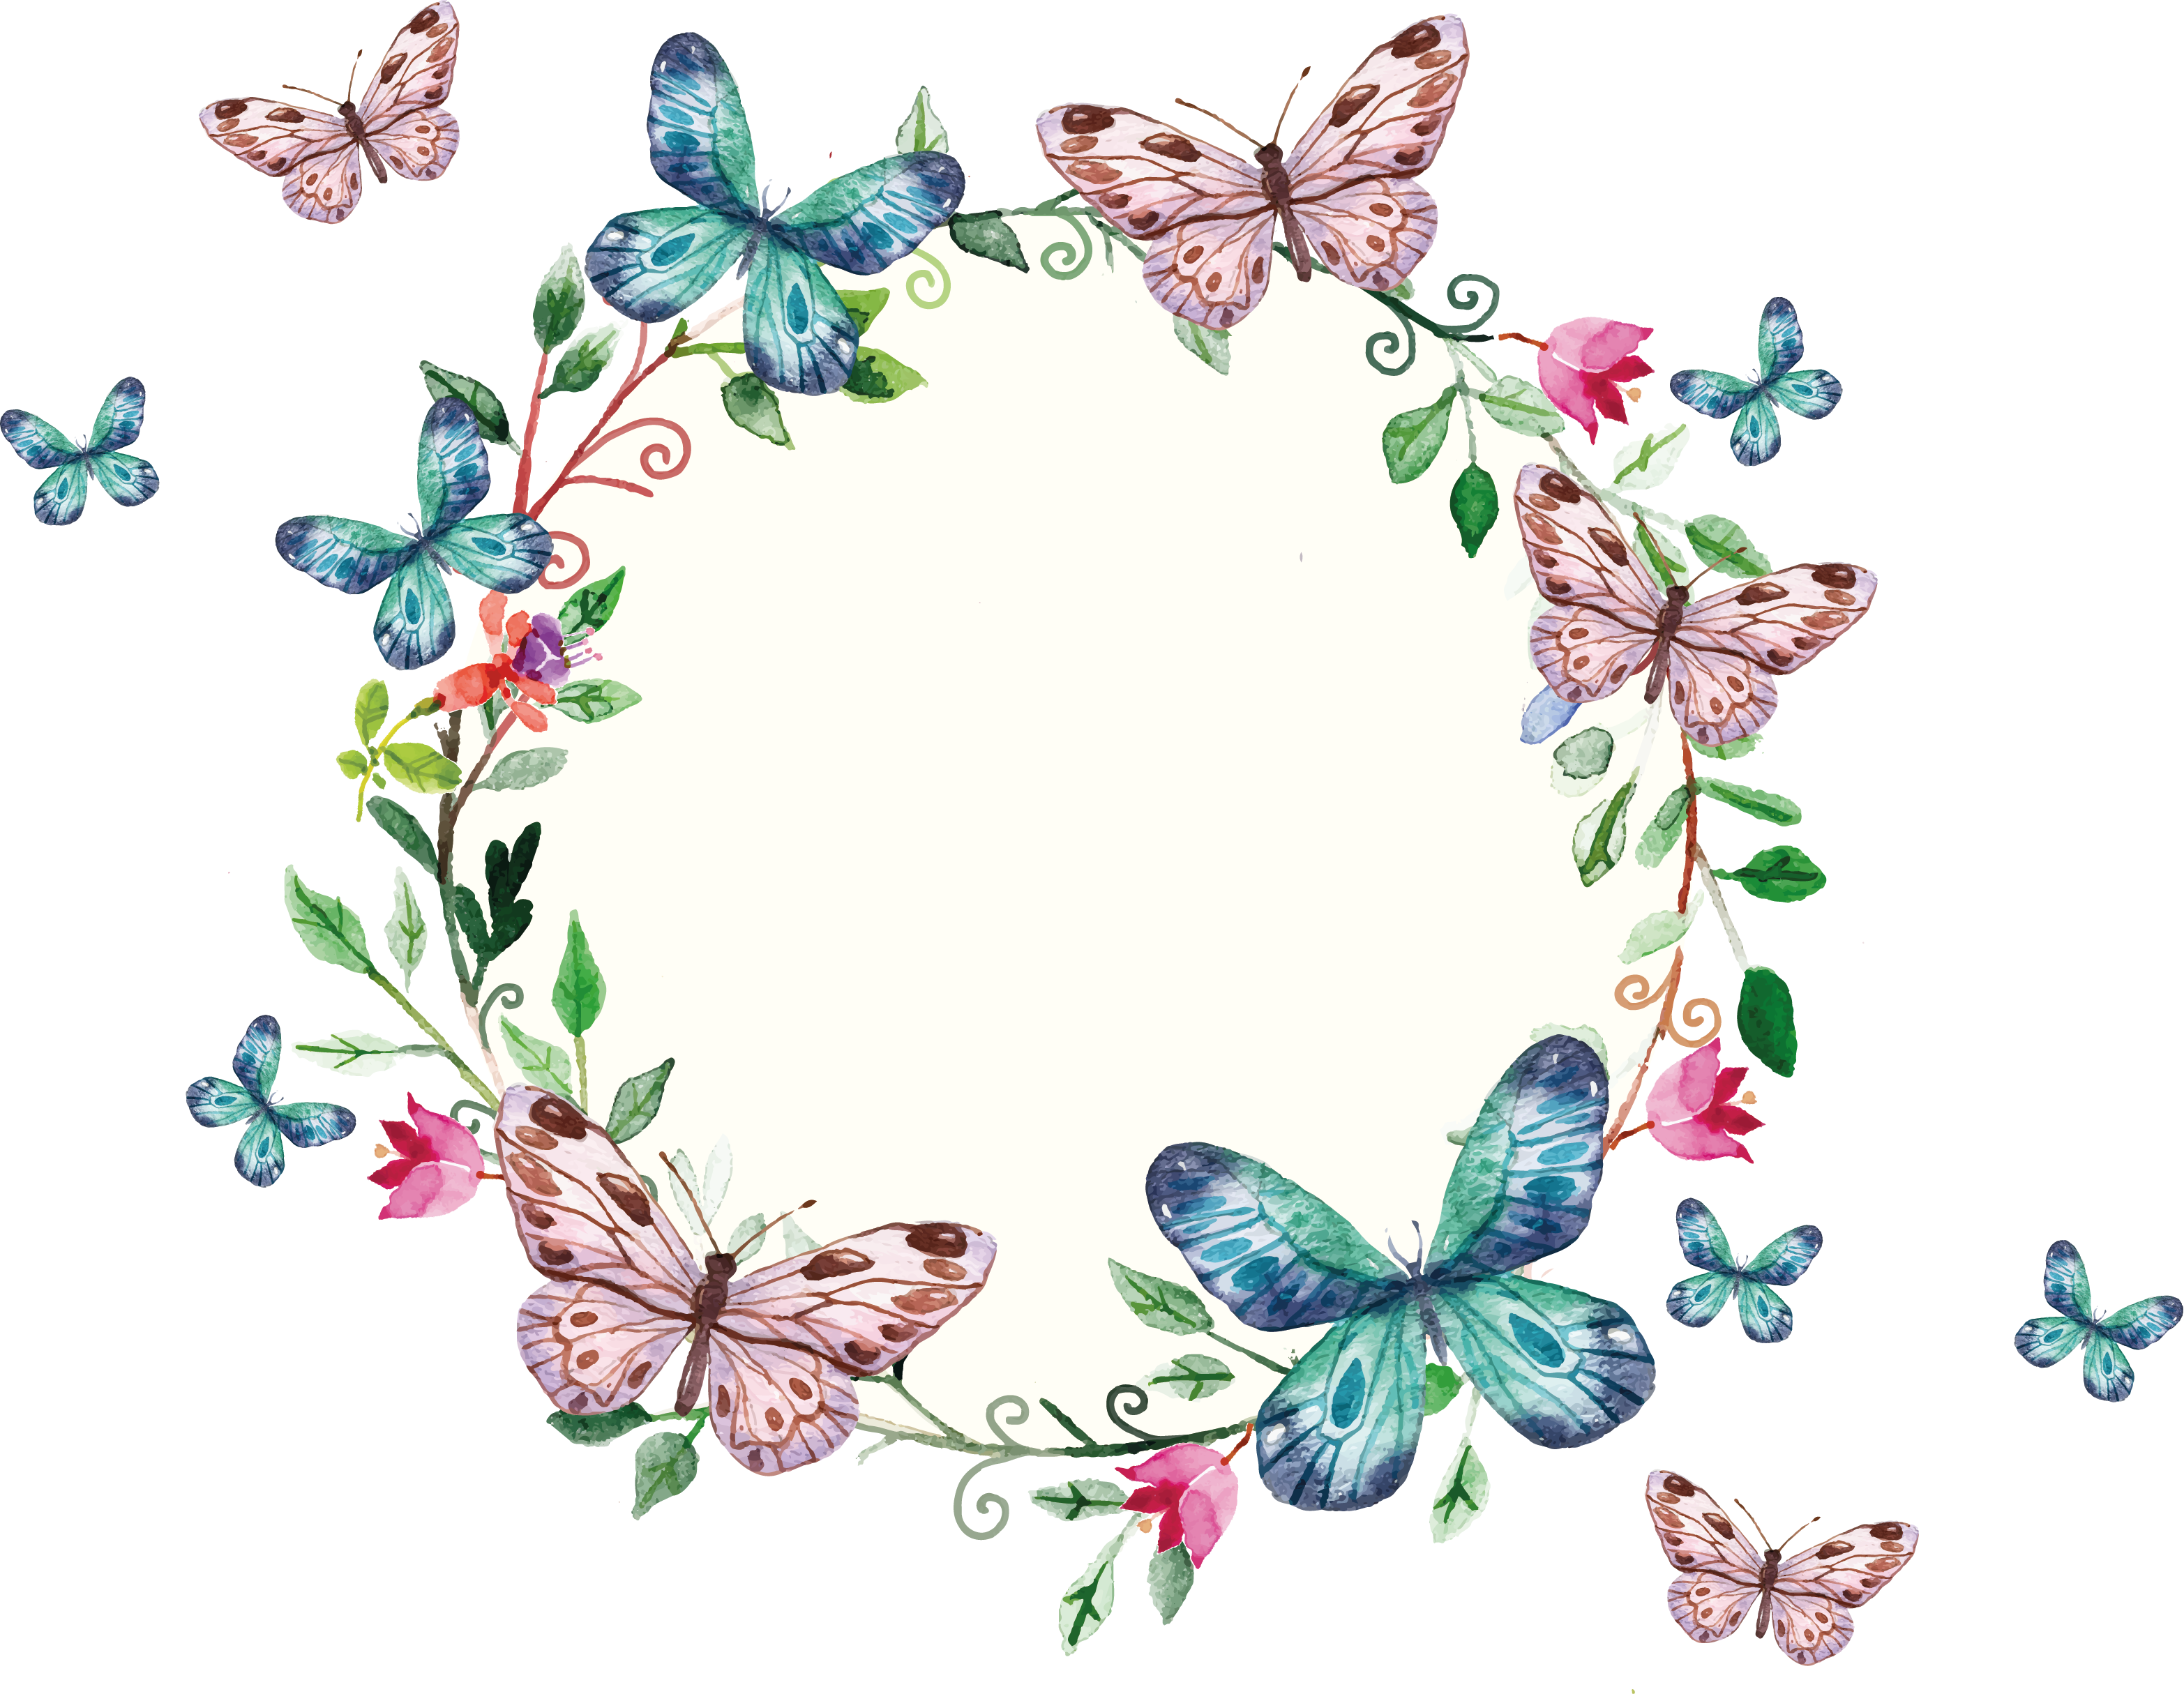 Butterfly frame clipart jpg stock freepi.com / floral wreath and butterflies frame | CLIPART AND ... jpg stock